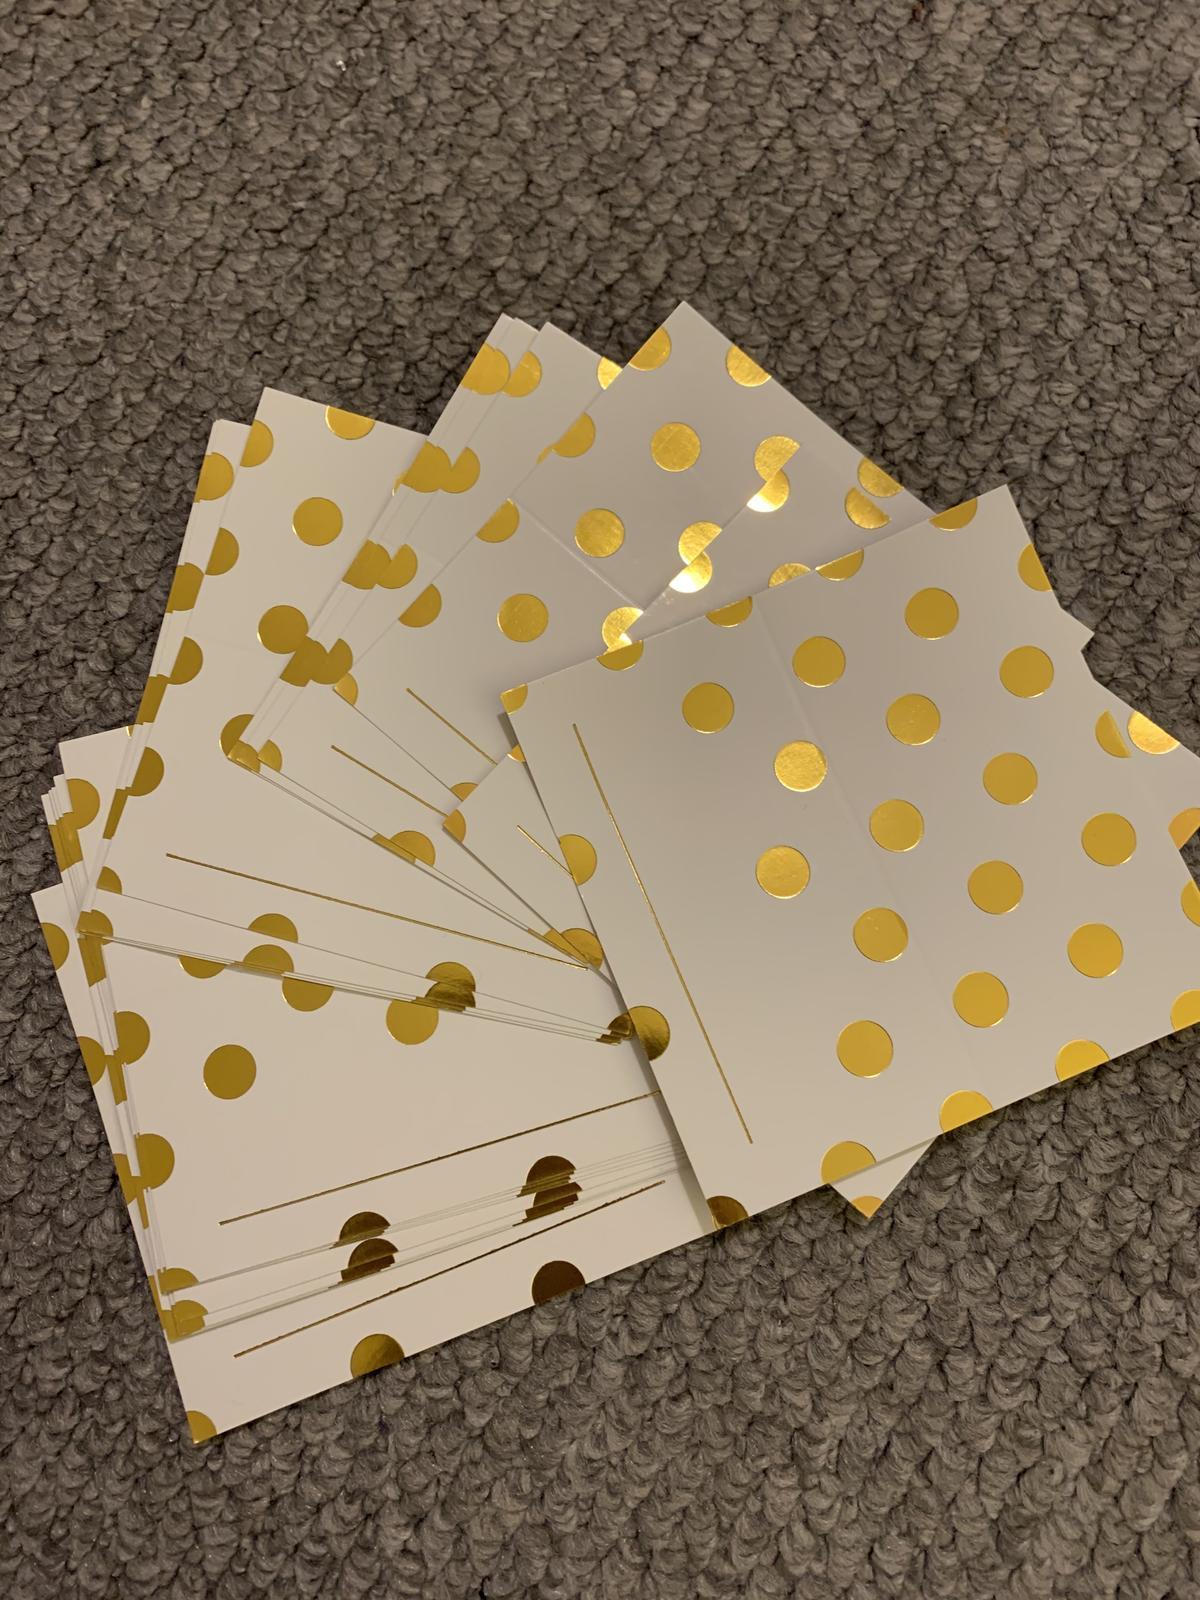 Kartičky  zlato-bílé  - Obrázek č. 3